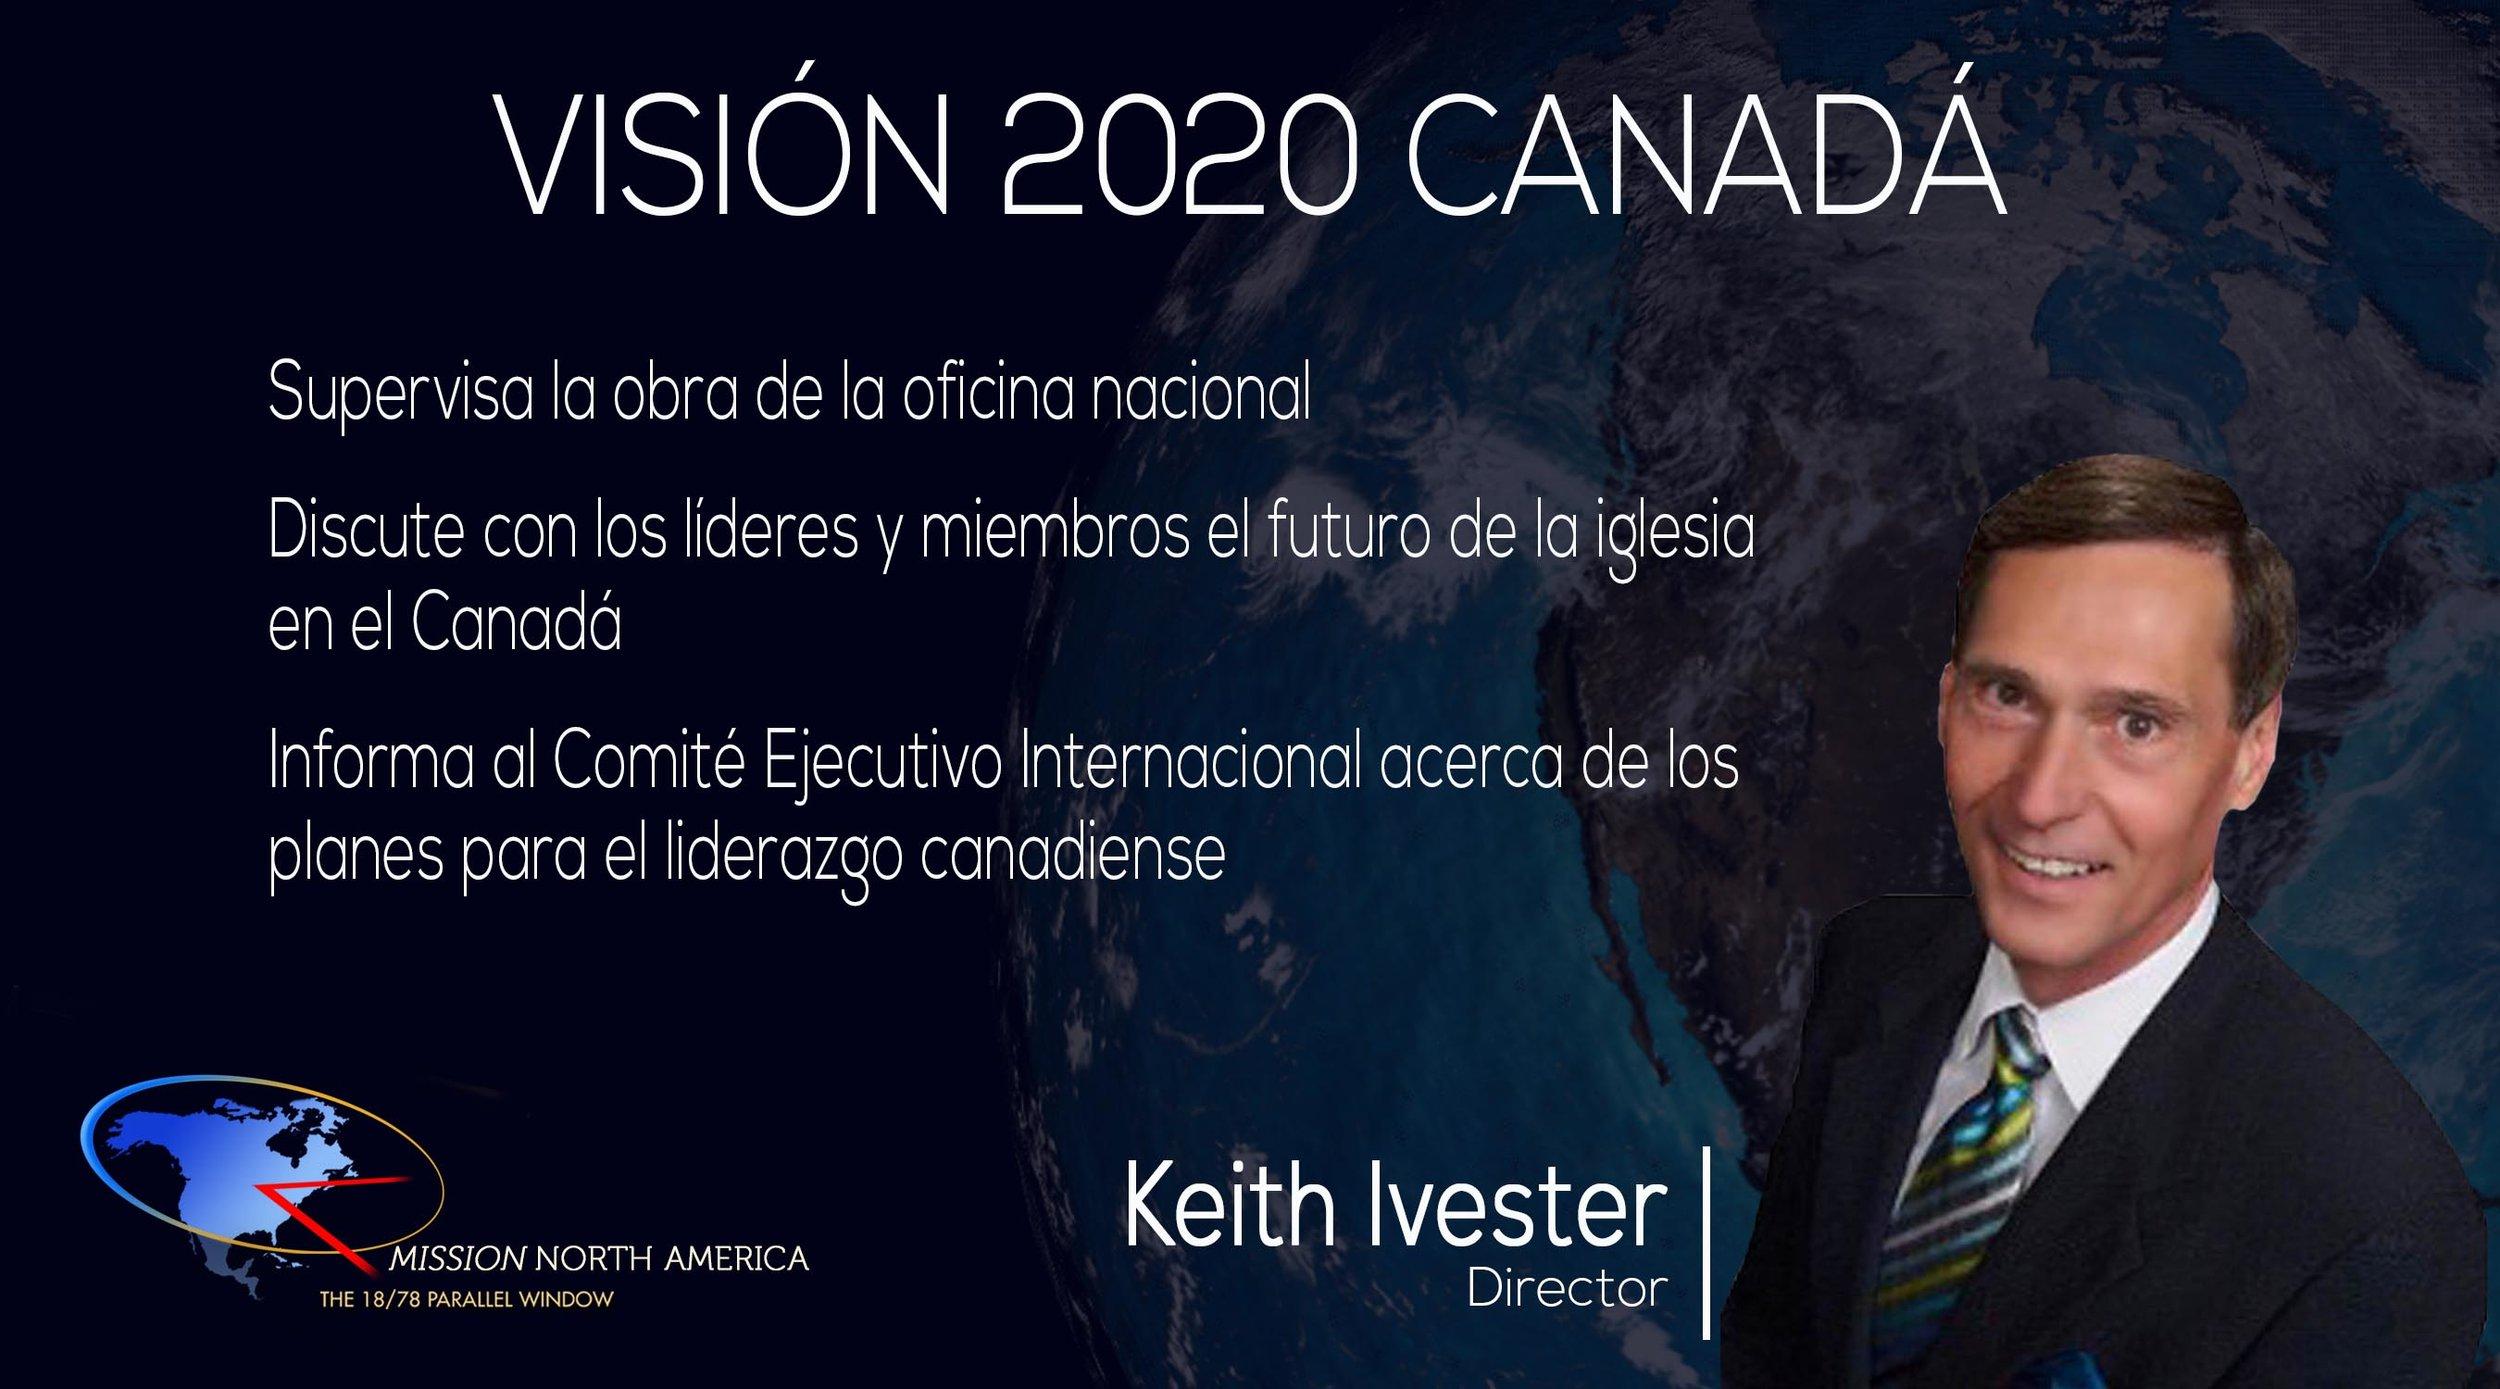 Leadership SLIDEs_Spanish_CV2020.jpg